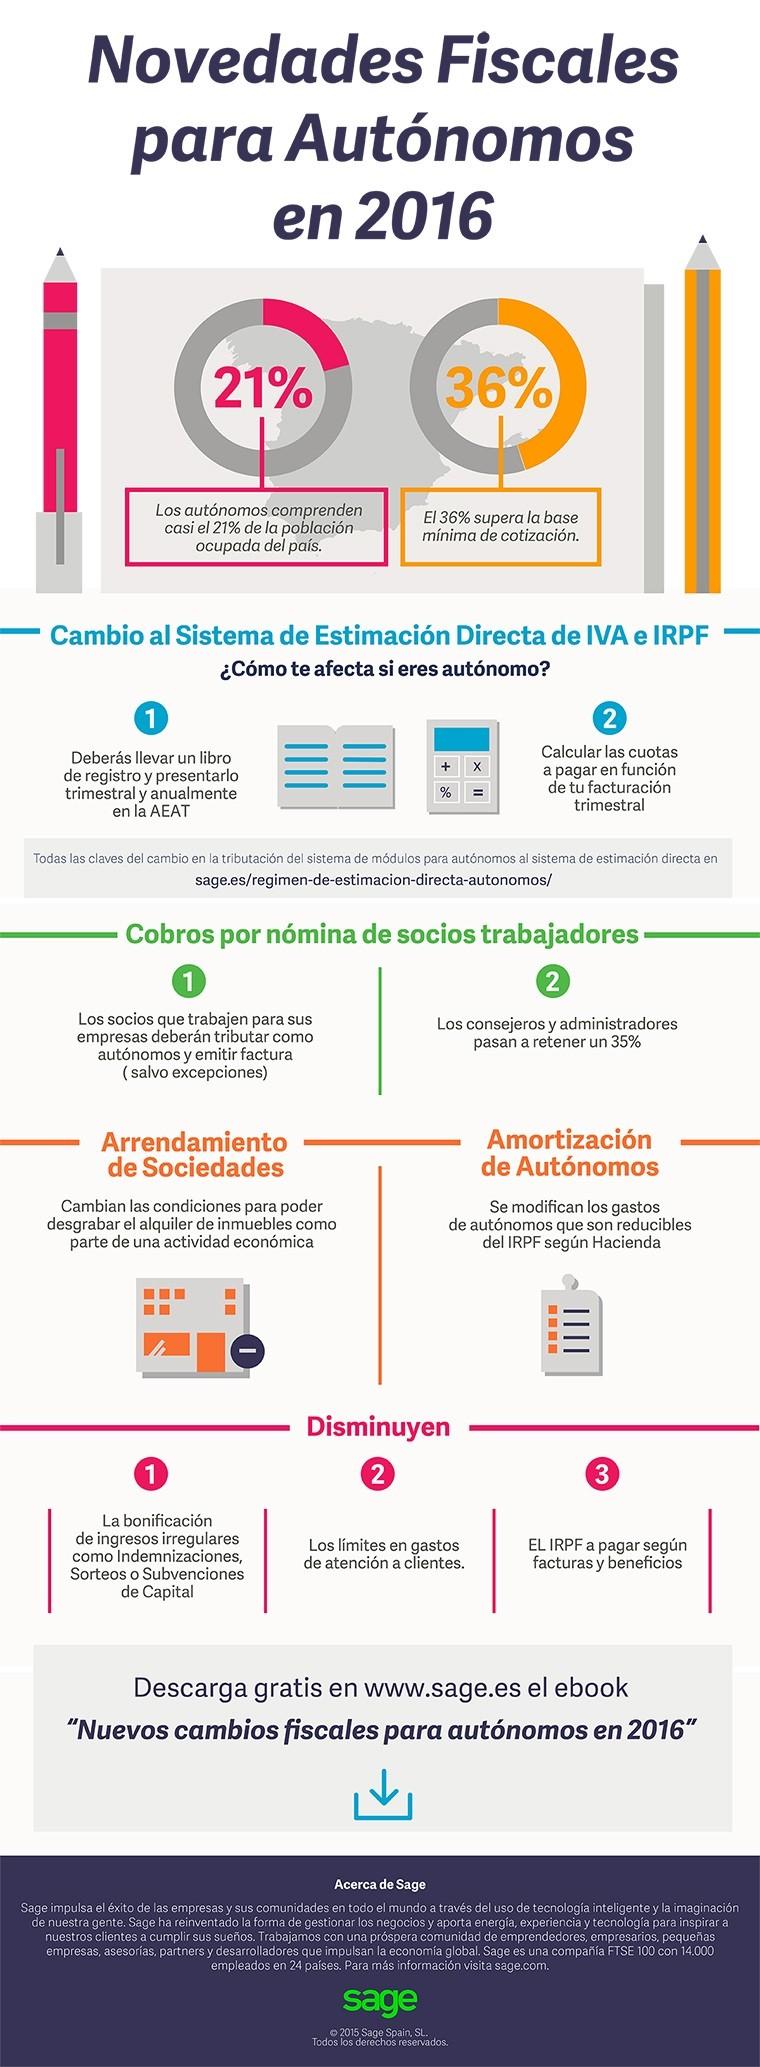 Cambios fiscales para los autónomos en 2016 (España)